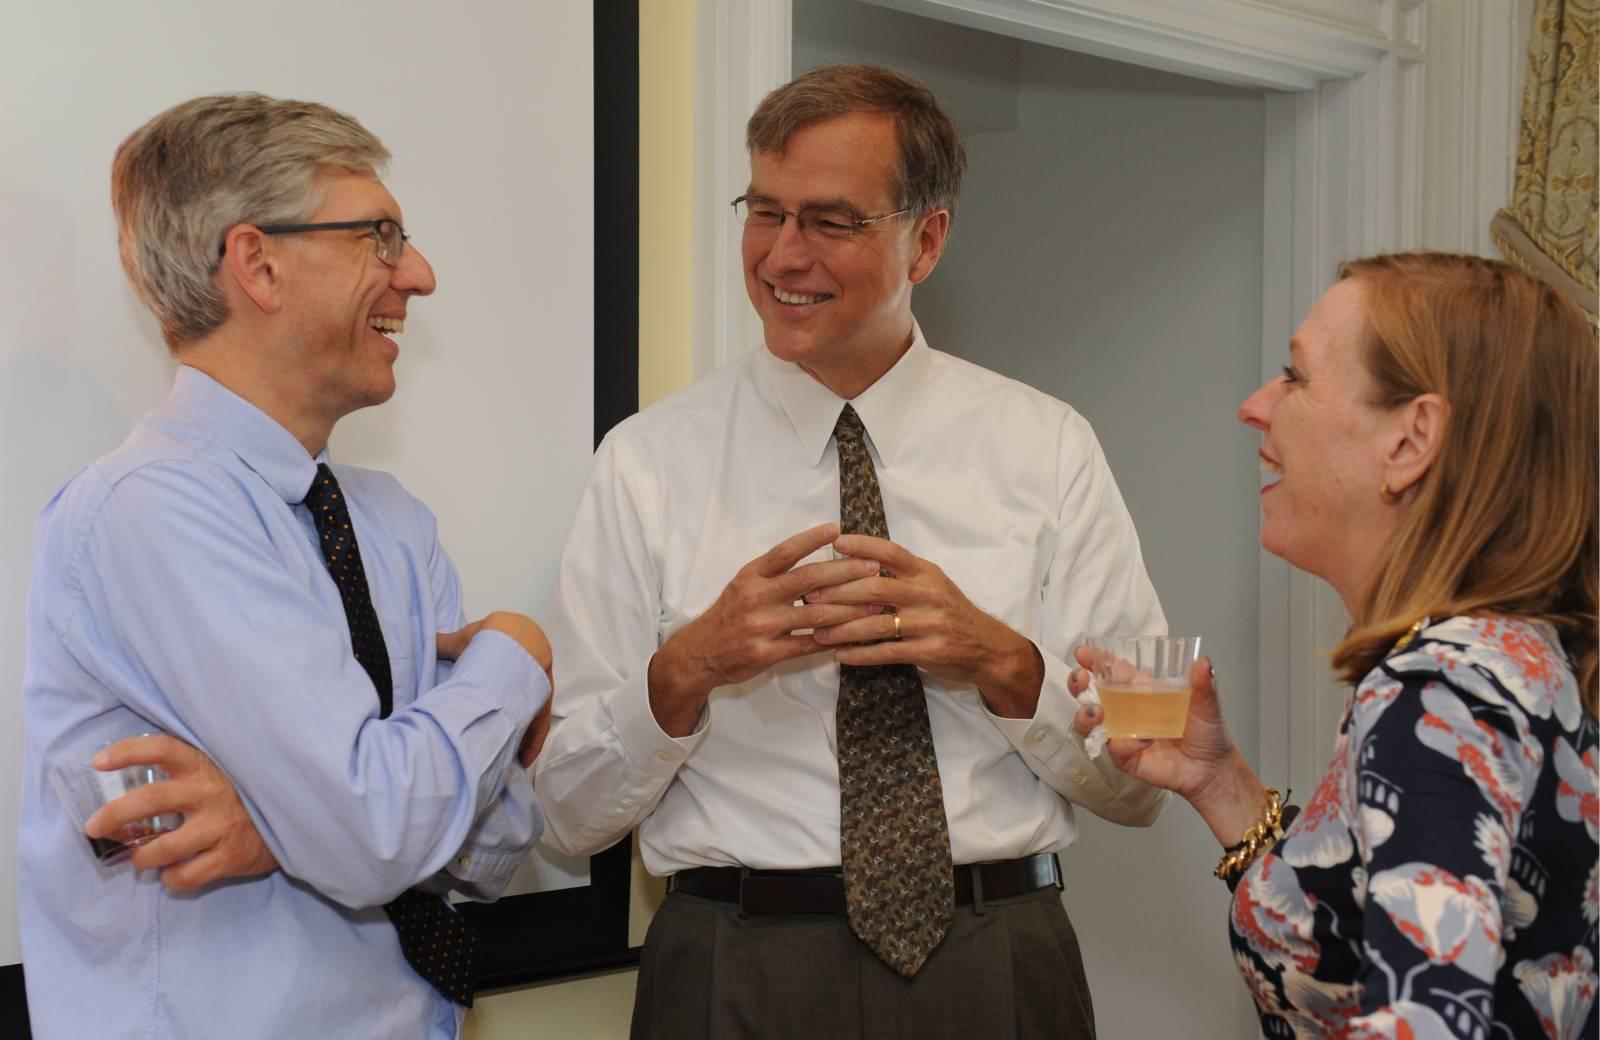 Jonathan Wilson, Tom Neltner, and Darcy Scott